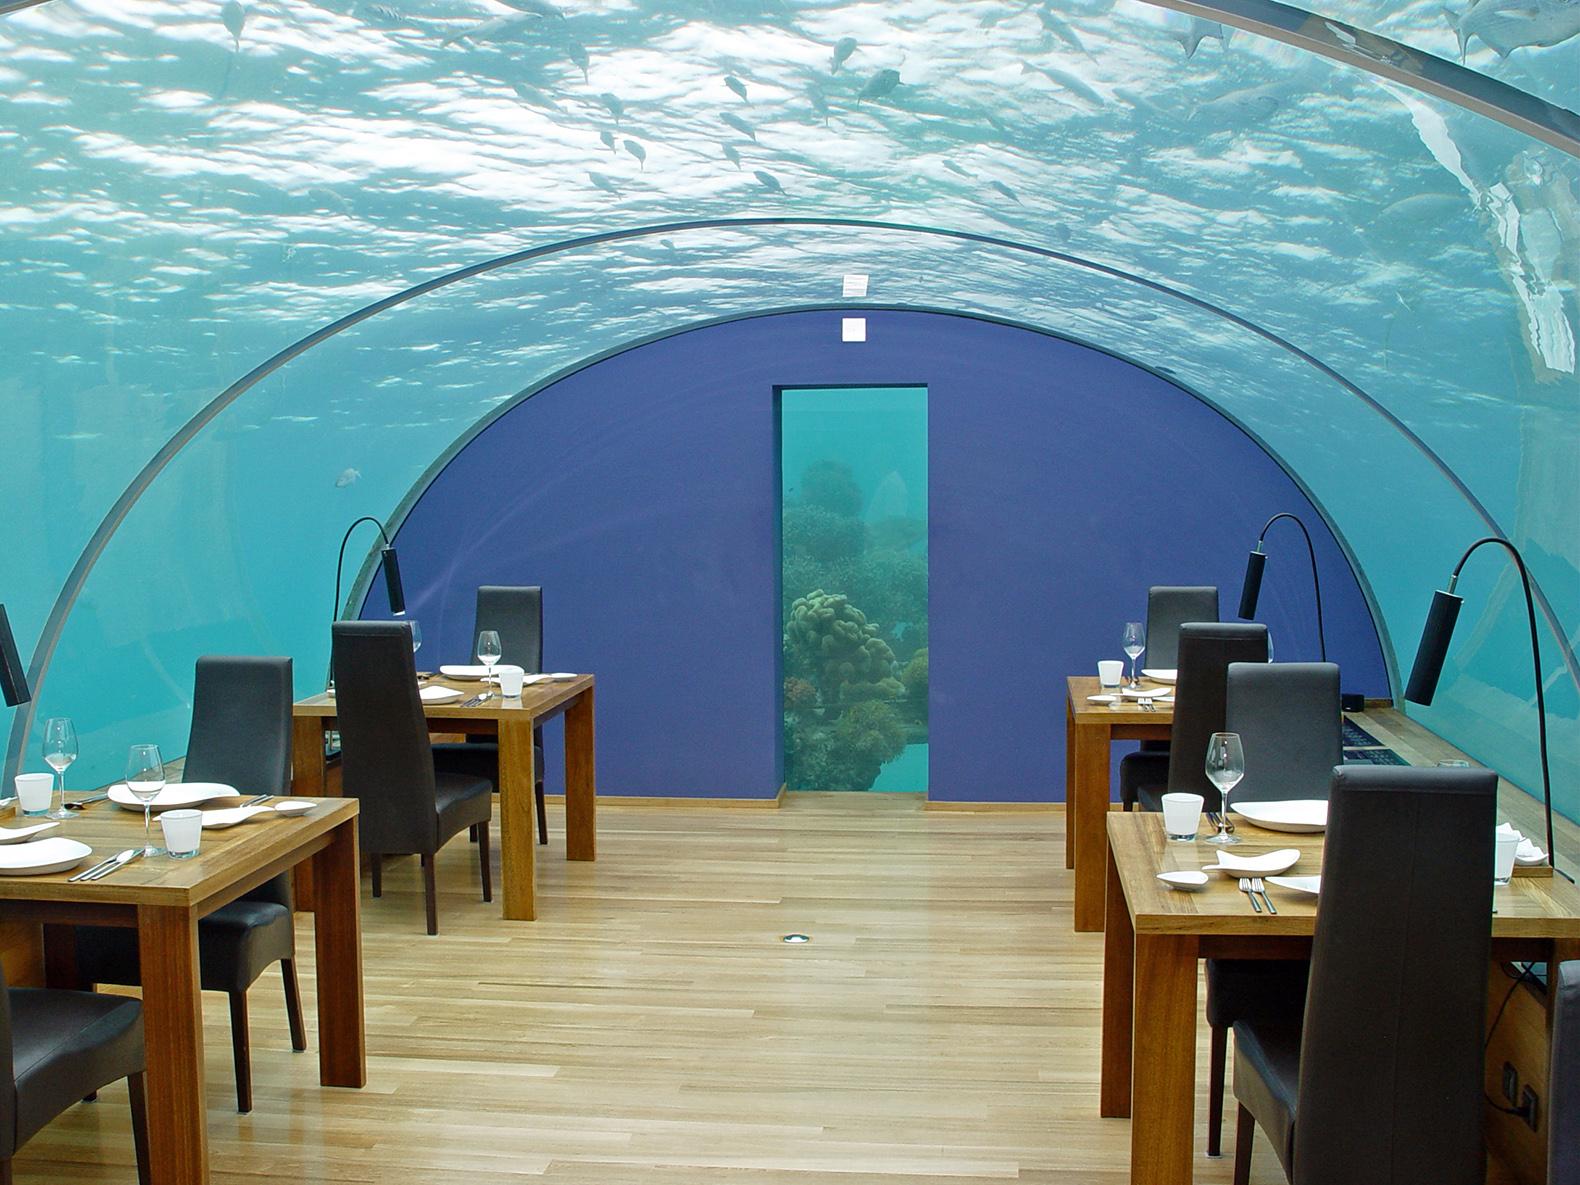 World39s Largest Underwater Restaurant Installed In The